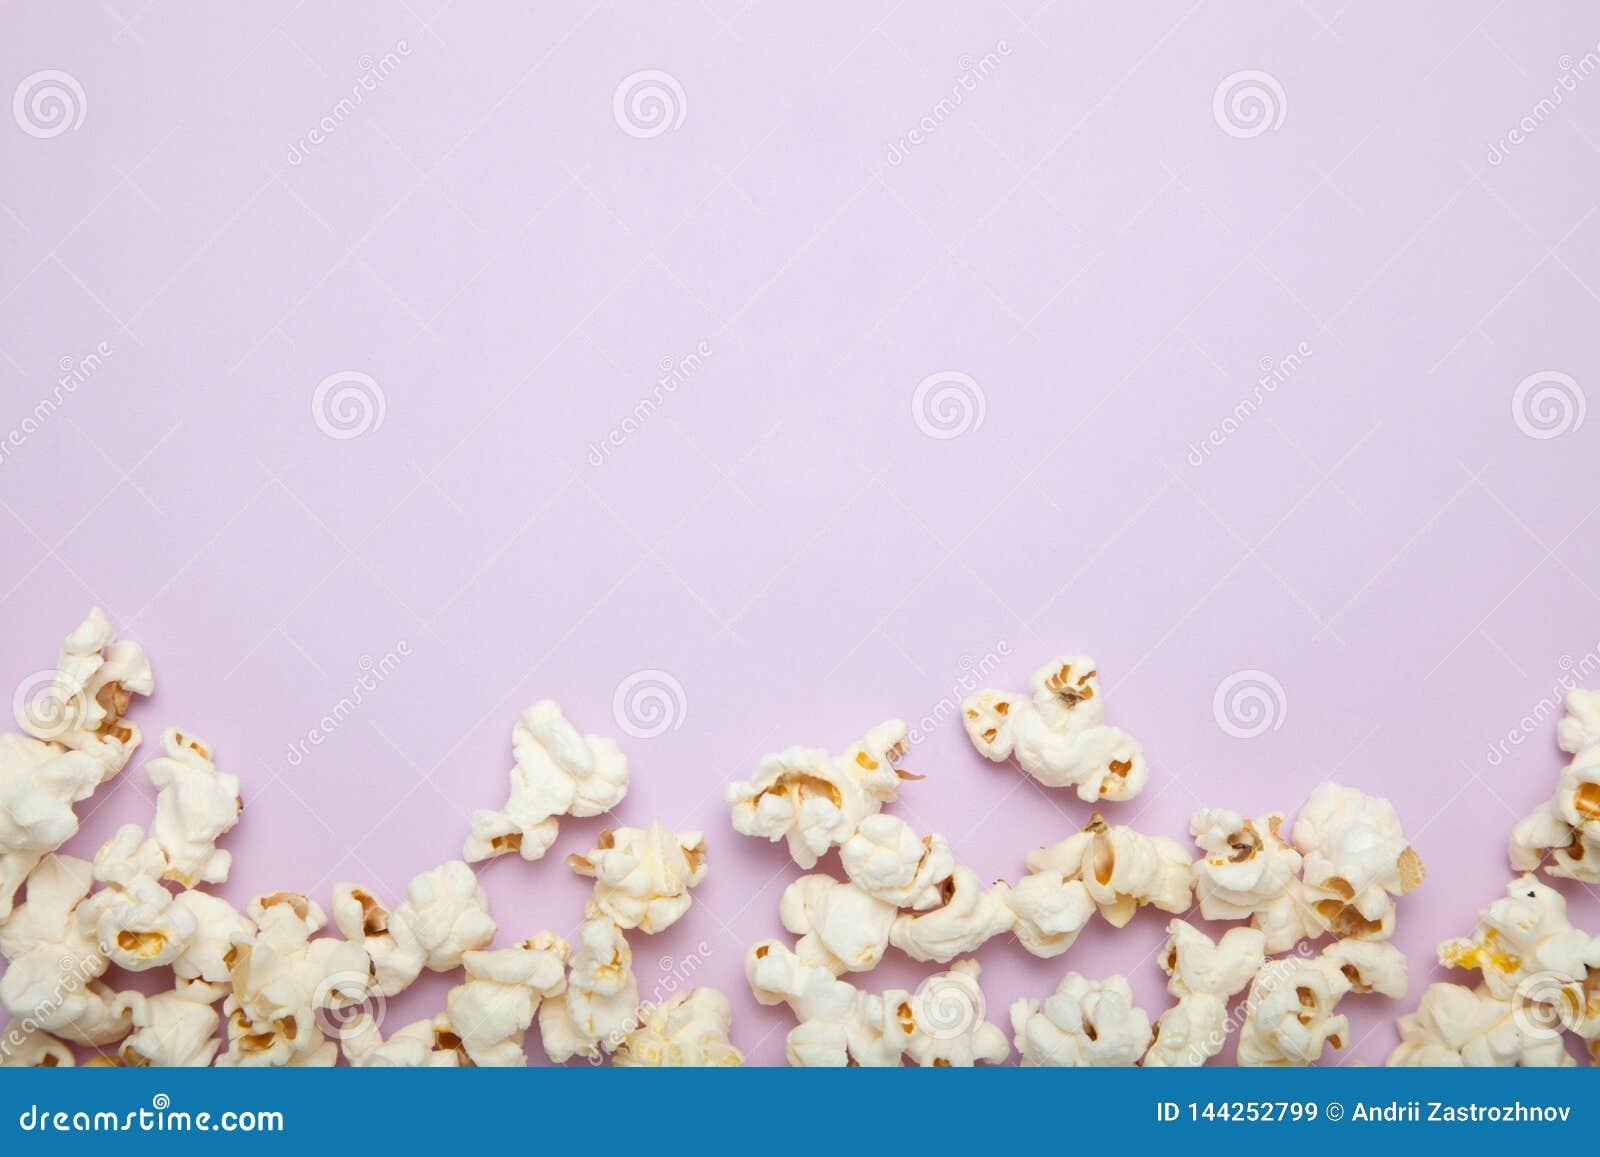 Popcorn σε ένα ρόδινο υπόβαθρο, κενό διάστημα για το κείμενο